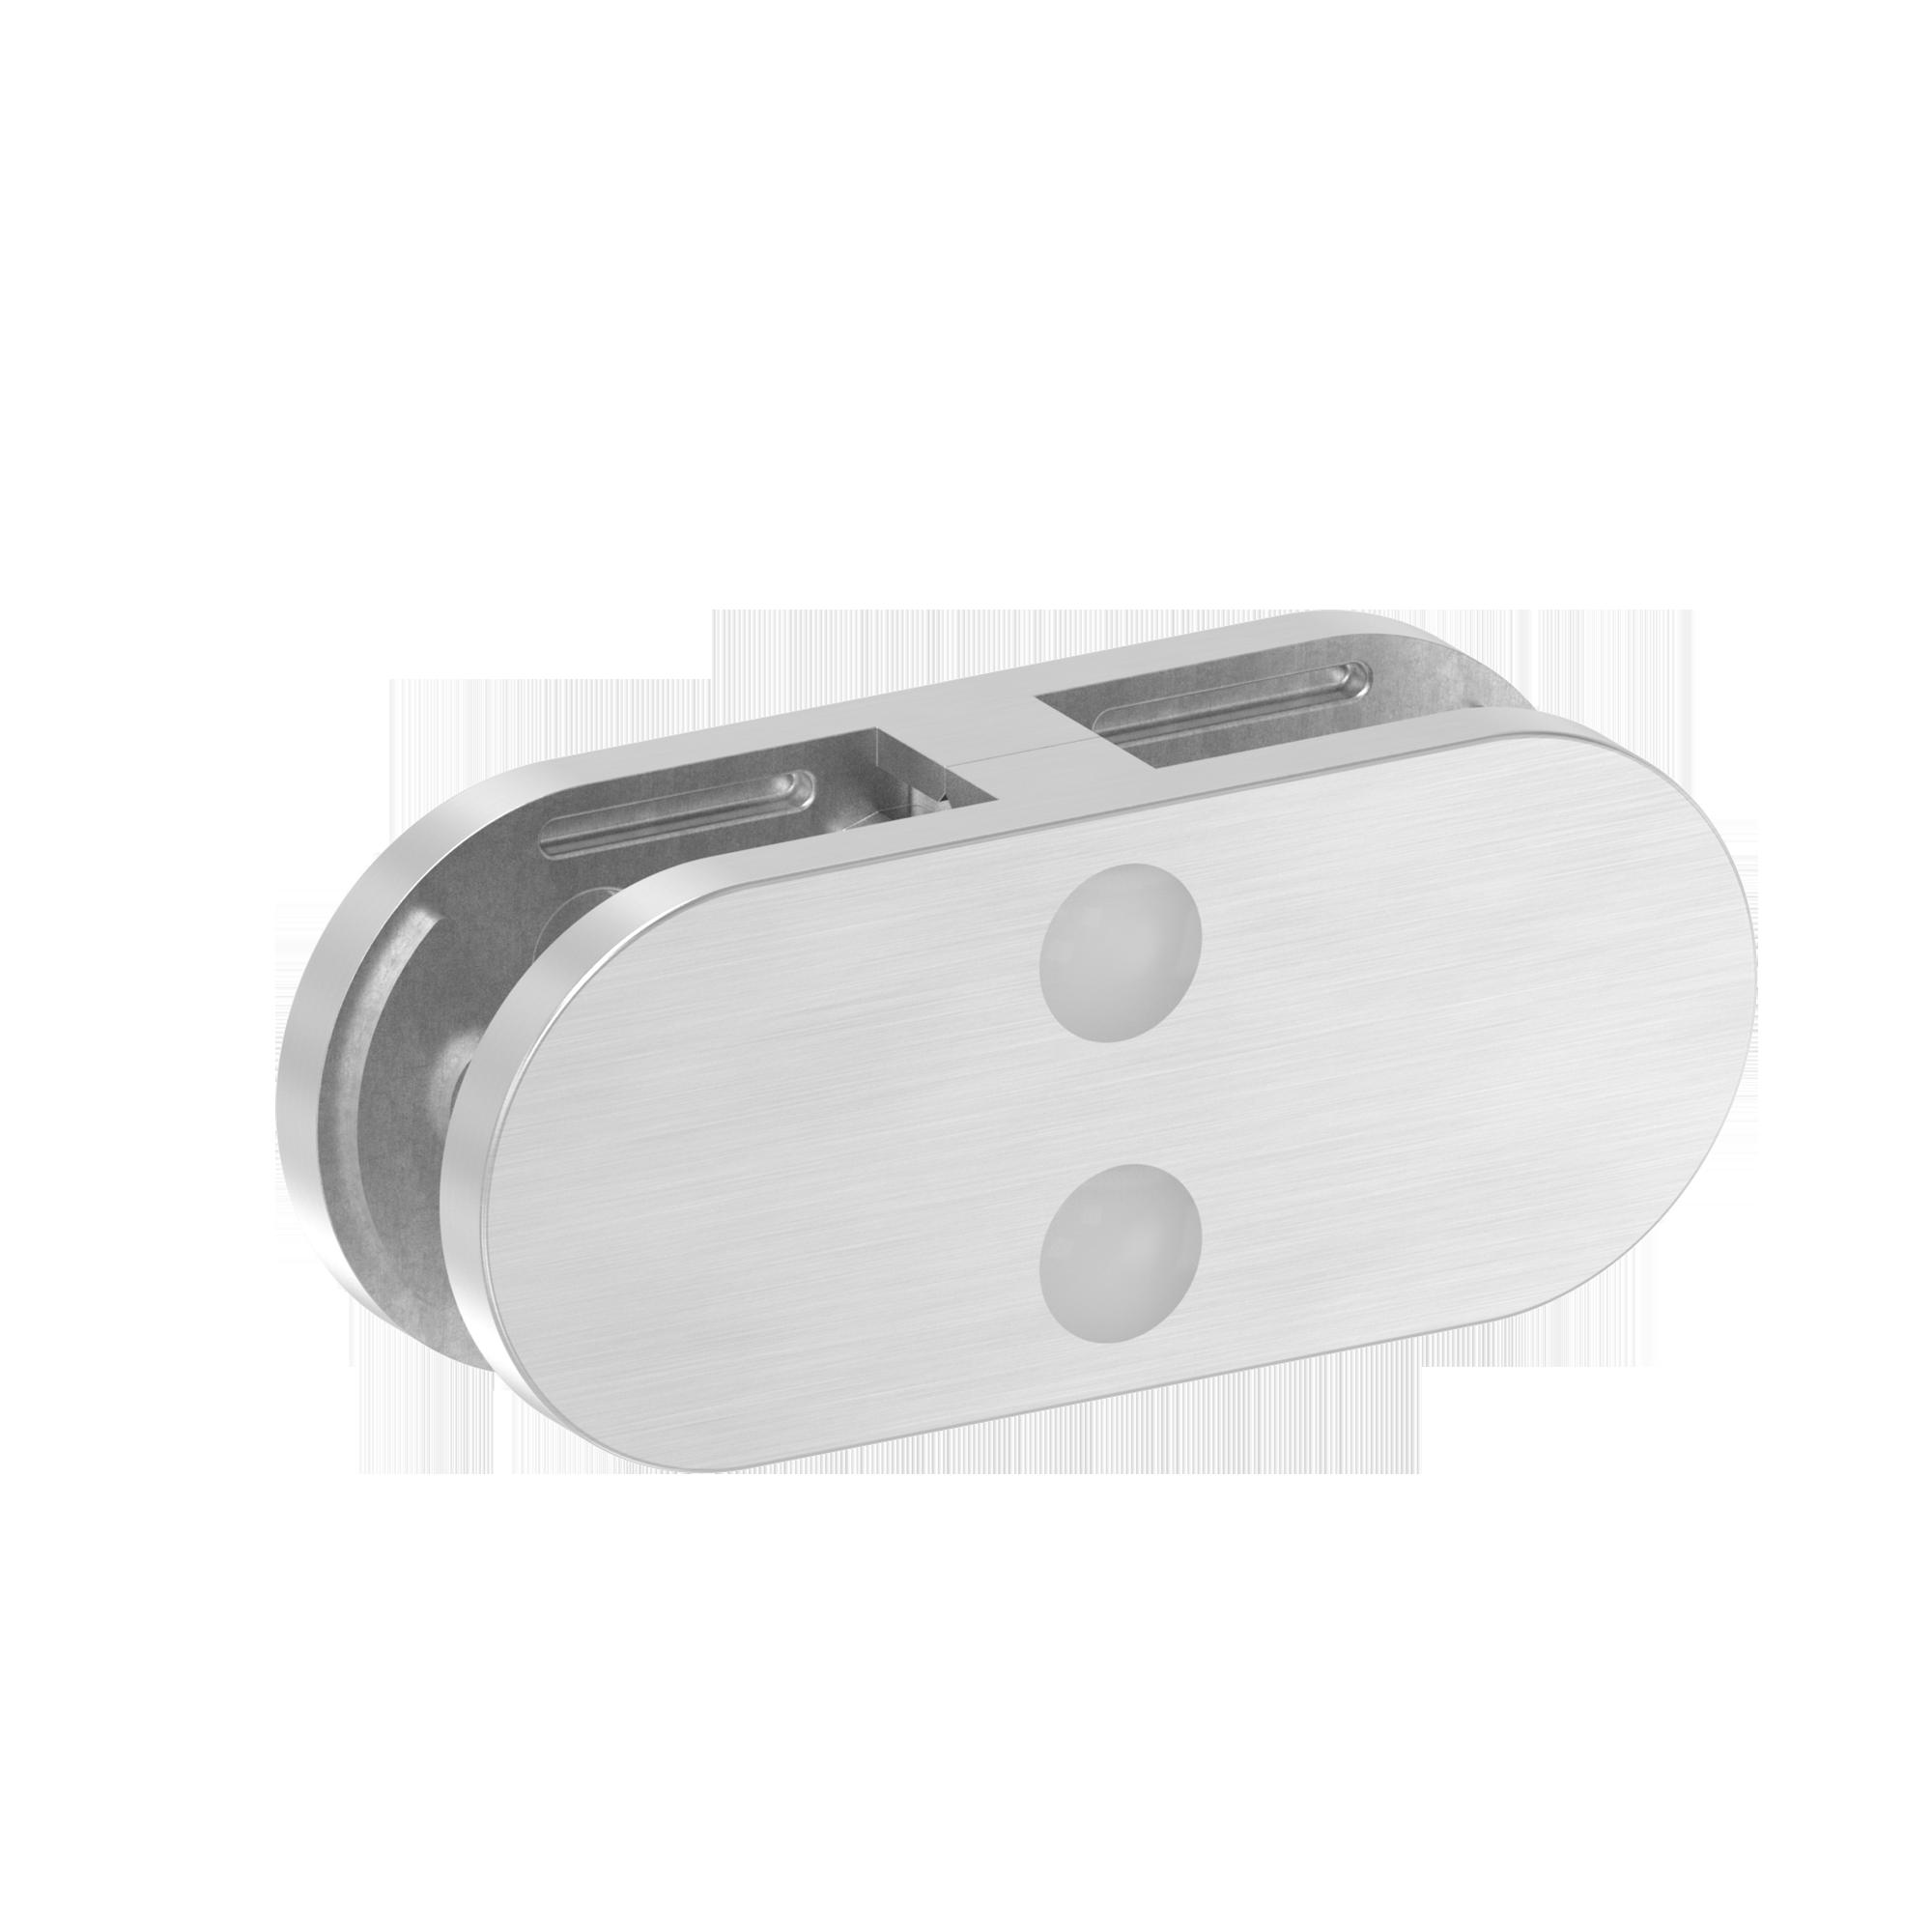 Sichtschutz-Glasklemme Modell 25 - Mitte